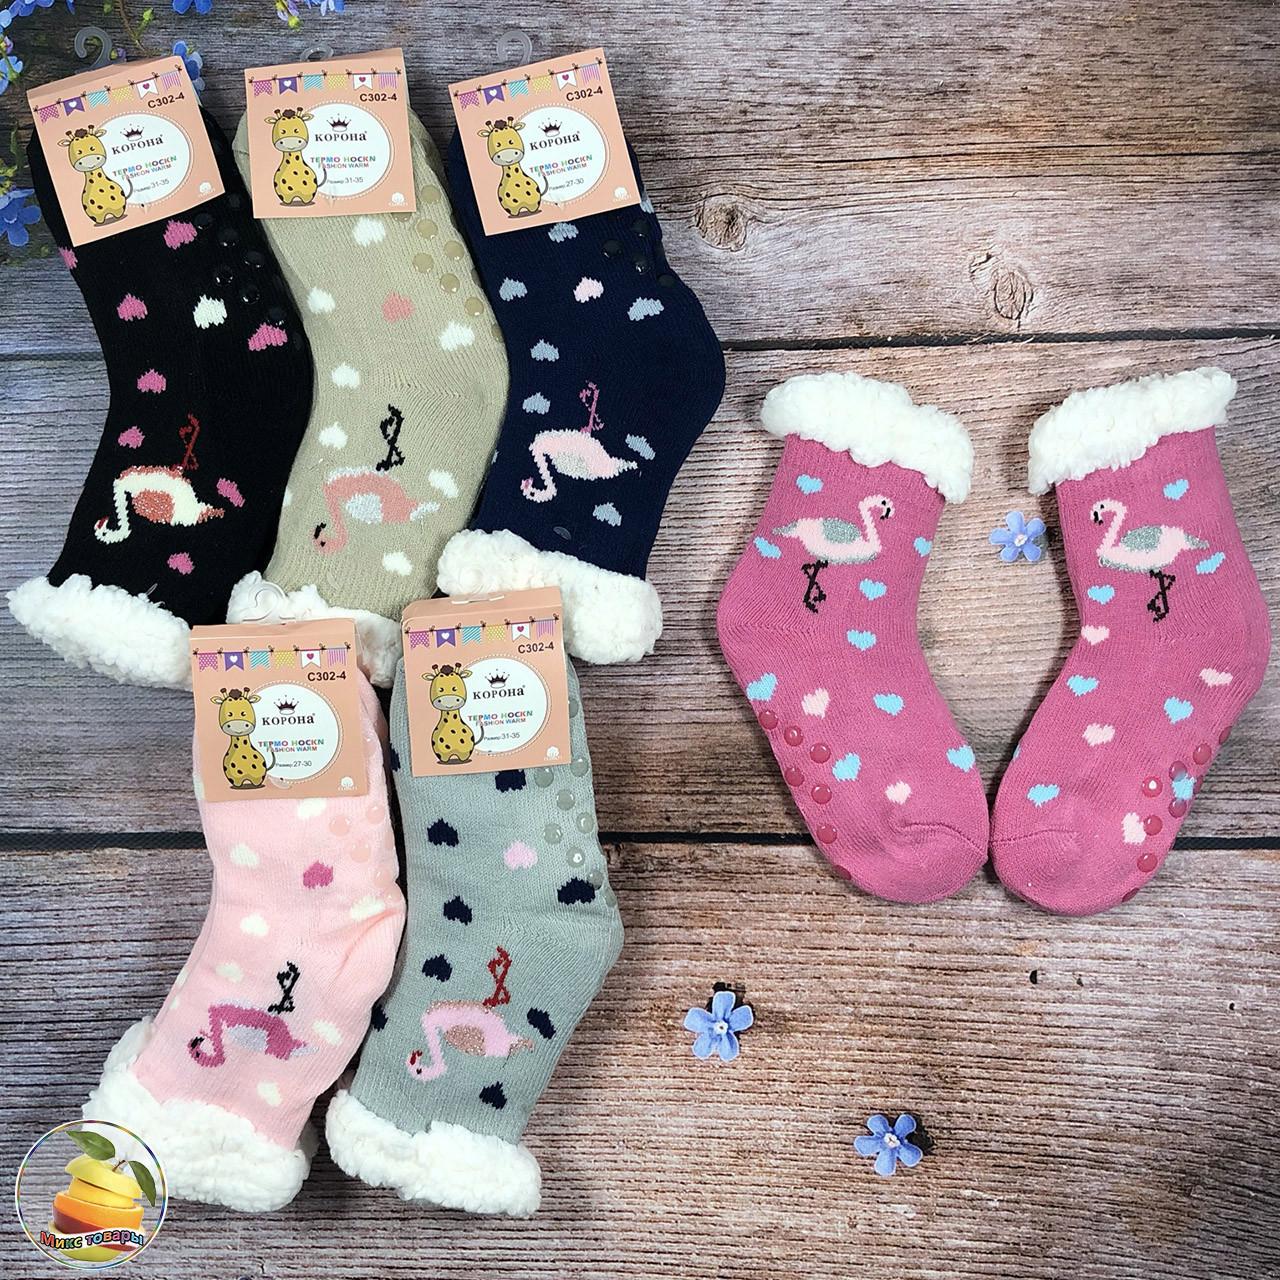 Щільні вовняні шкарпетки з гальмами Розмір: 27 - 30 і 32-35 см (20933)